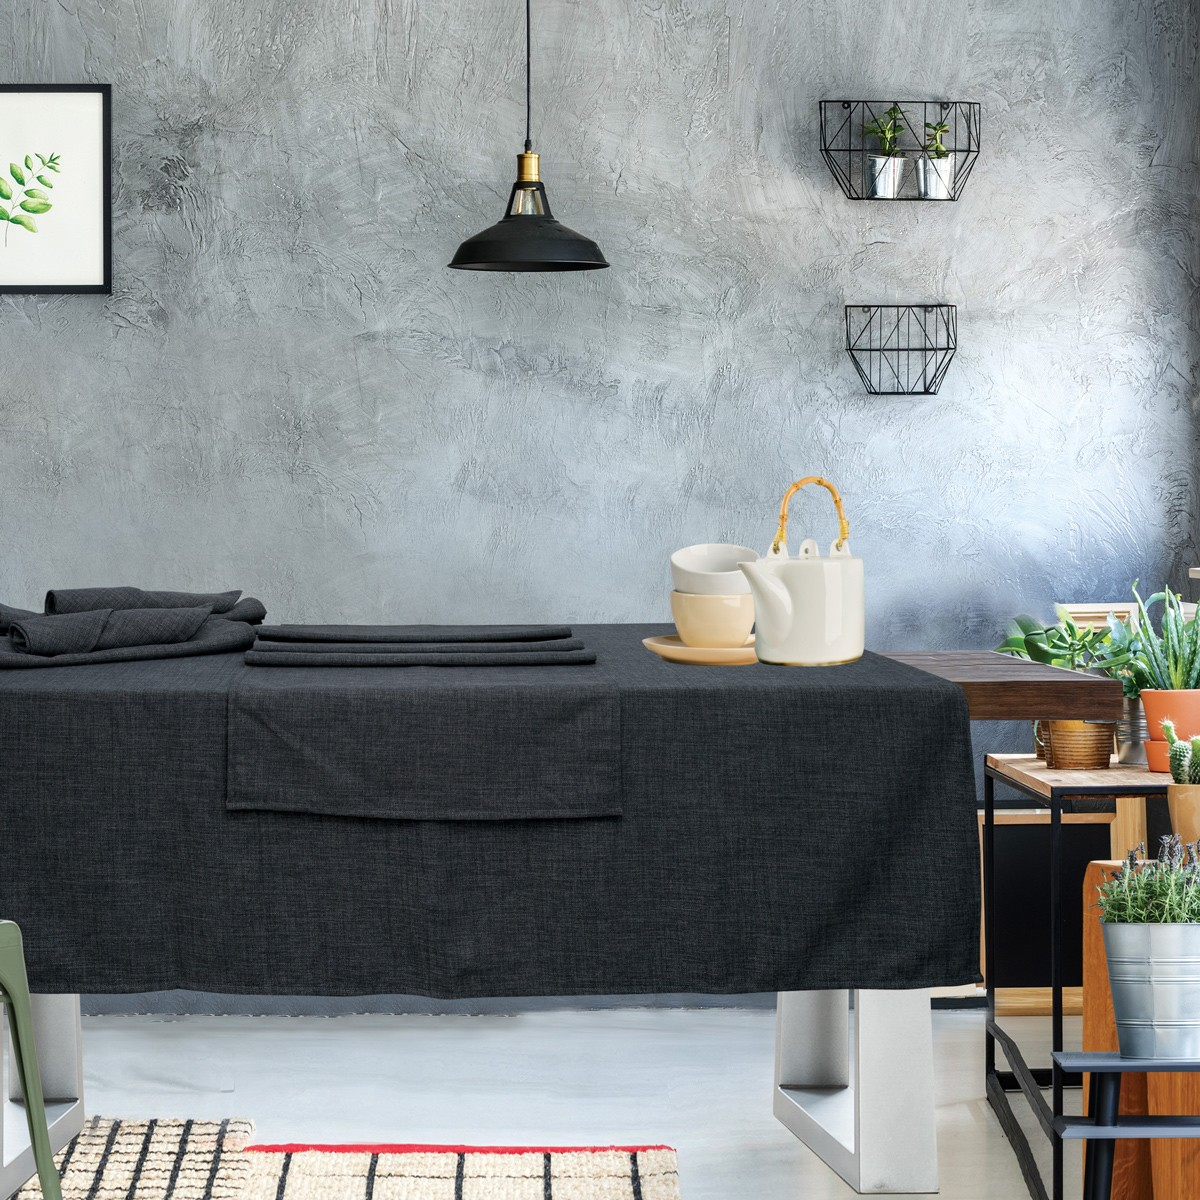 Τραβέρσα Das Home Kitchen Line 548